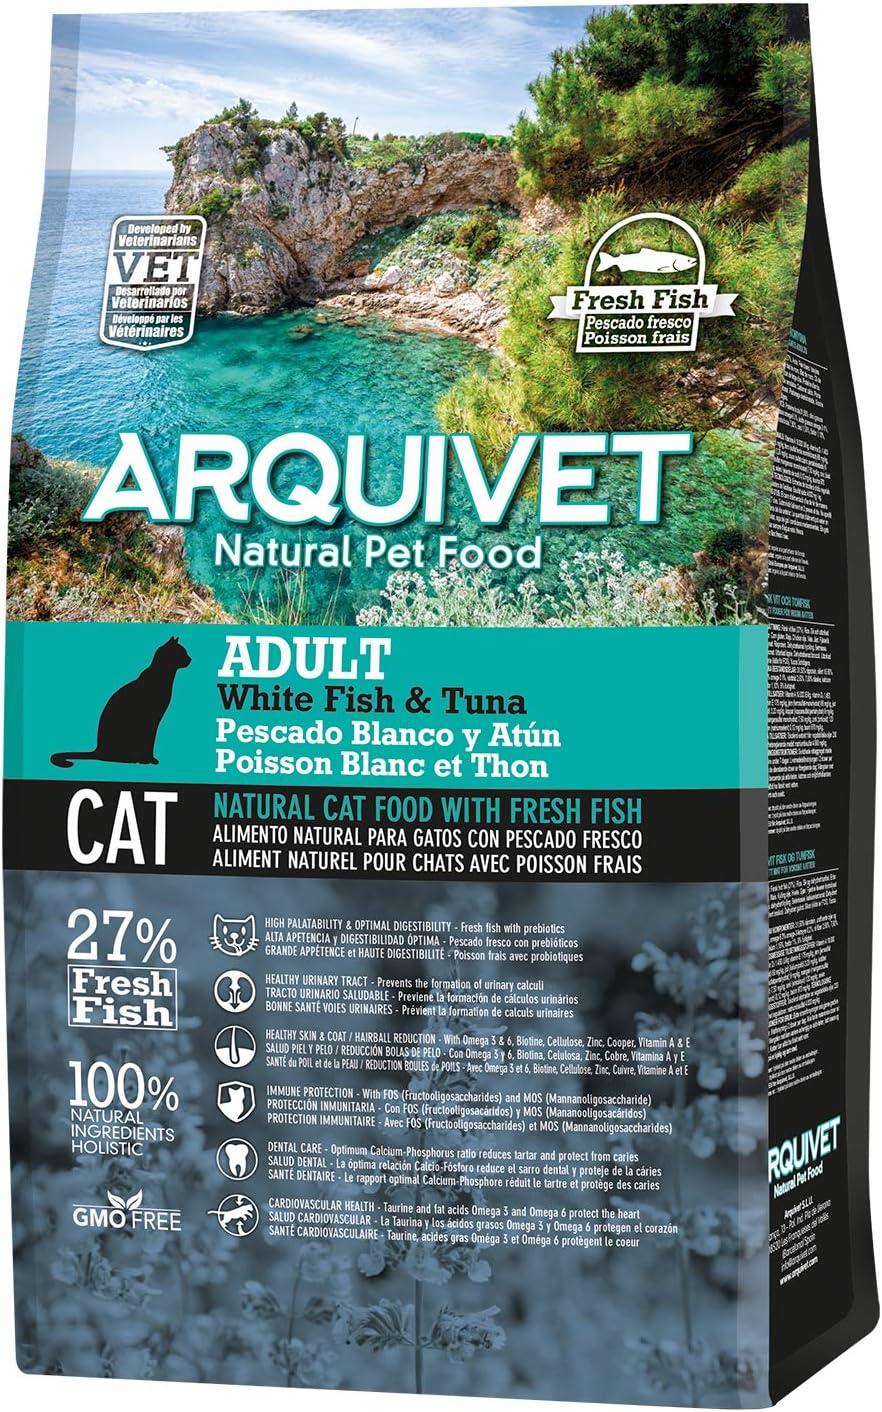 Arquivet Charity ASIN Pienso Natural para Gatos - Adult Pescado Blanco y atún - 1,5 kg